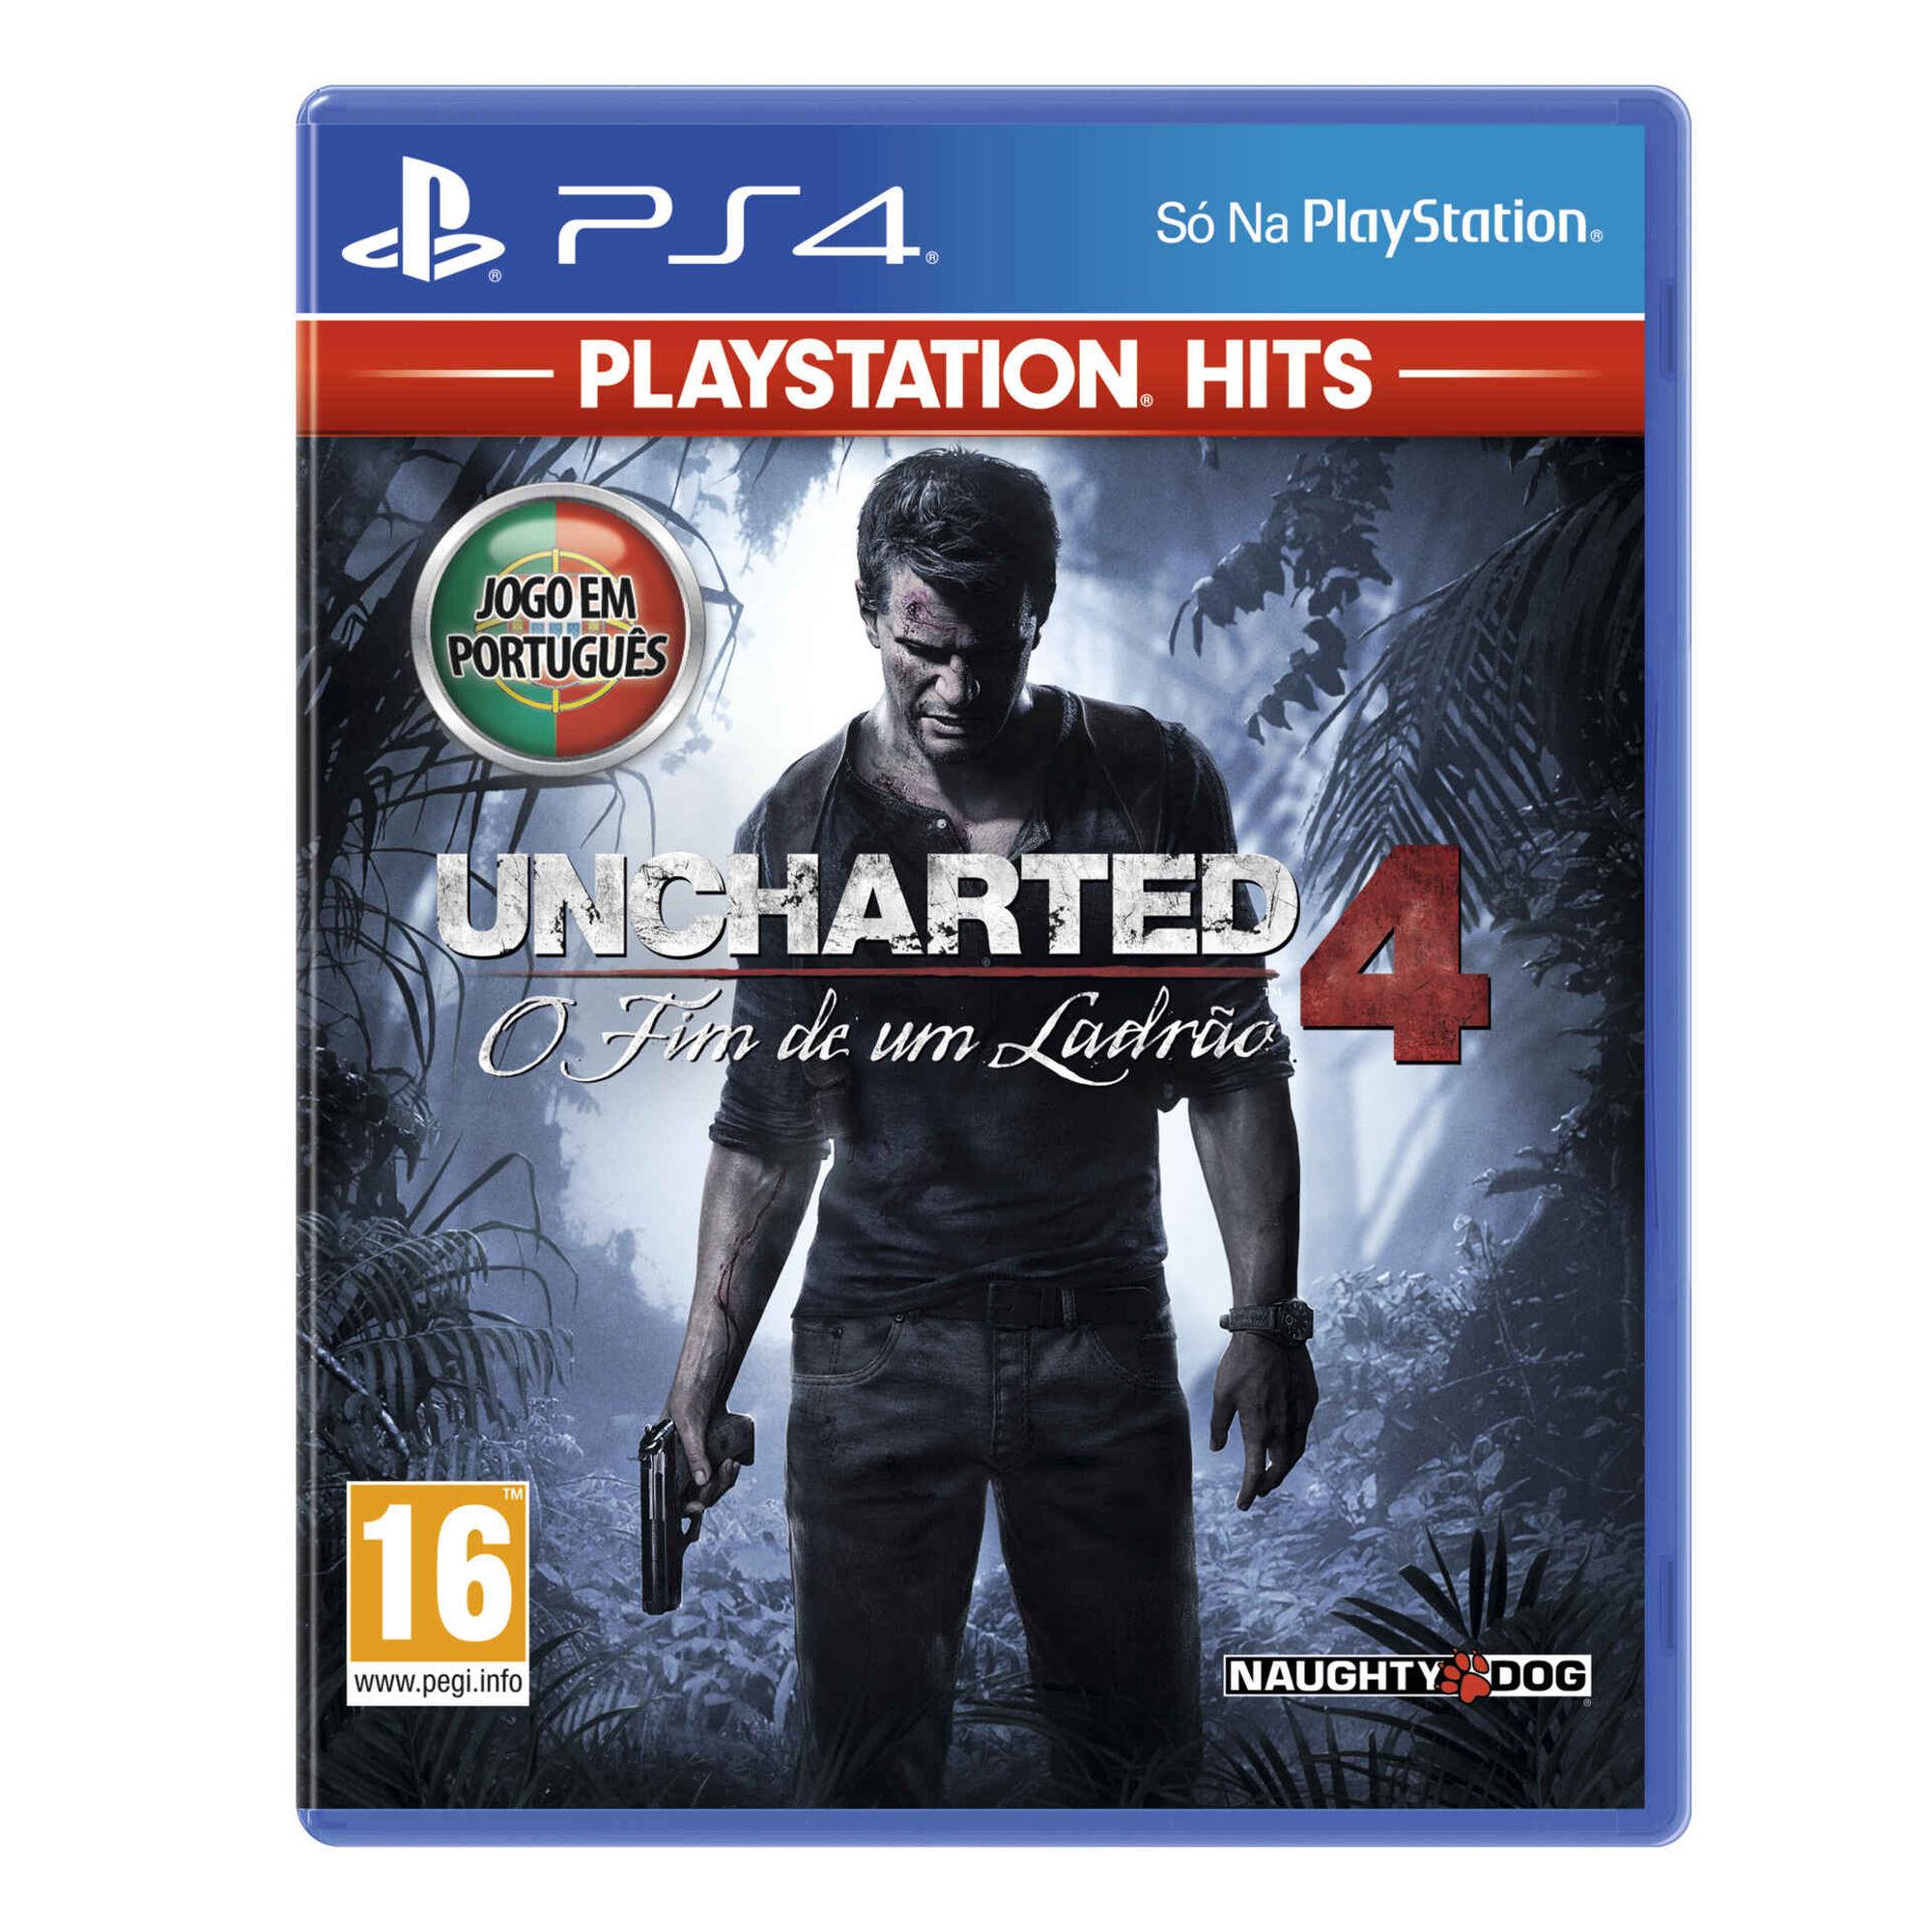 Jogo Sony PS4 Uncharted 4: O Fim de um Ladrão